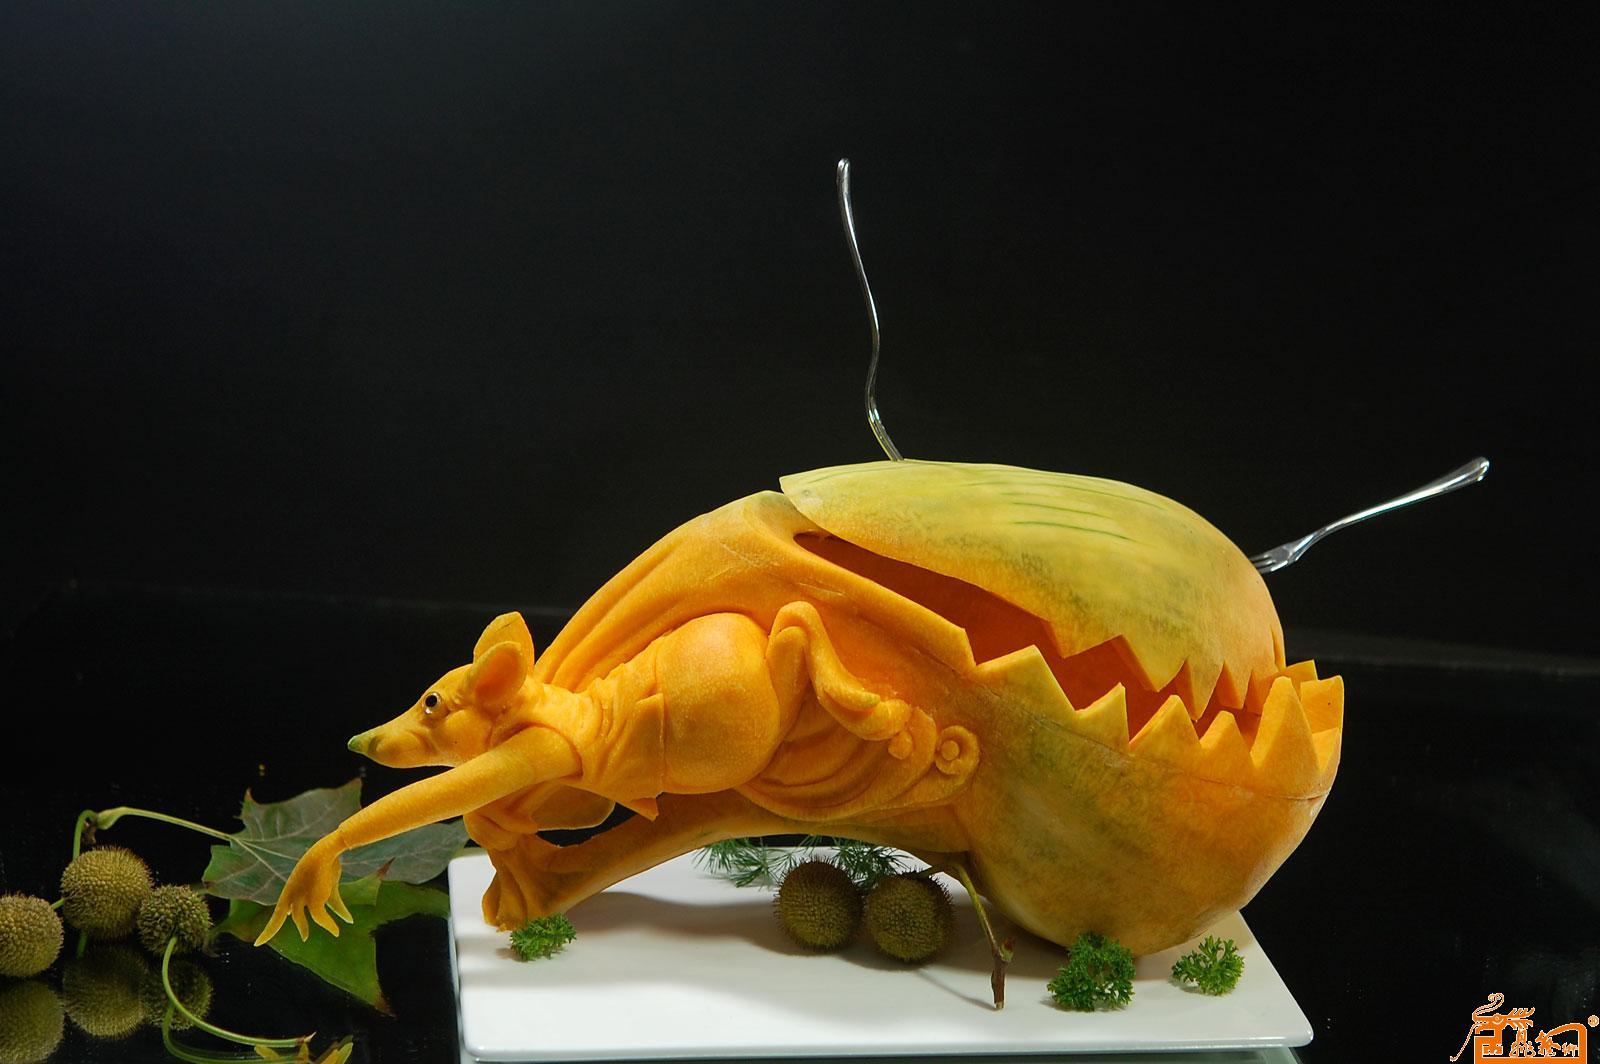 名家 孔令海 国画 - 食品雕刻器皿作品- 逃离